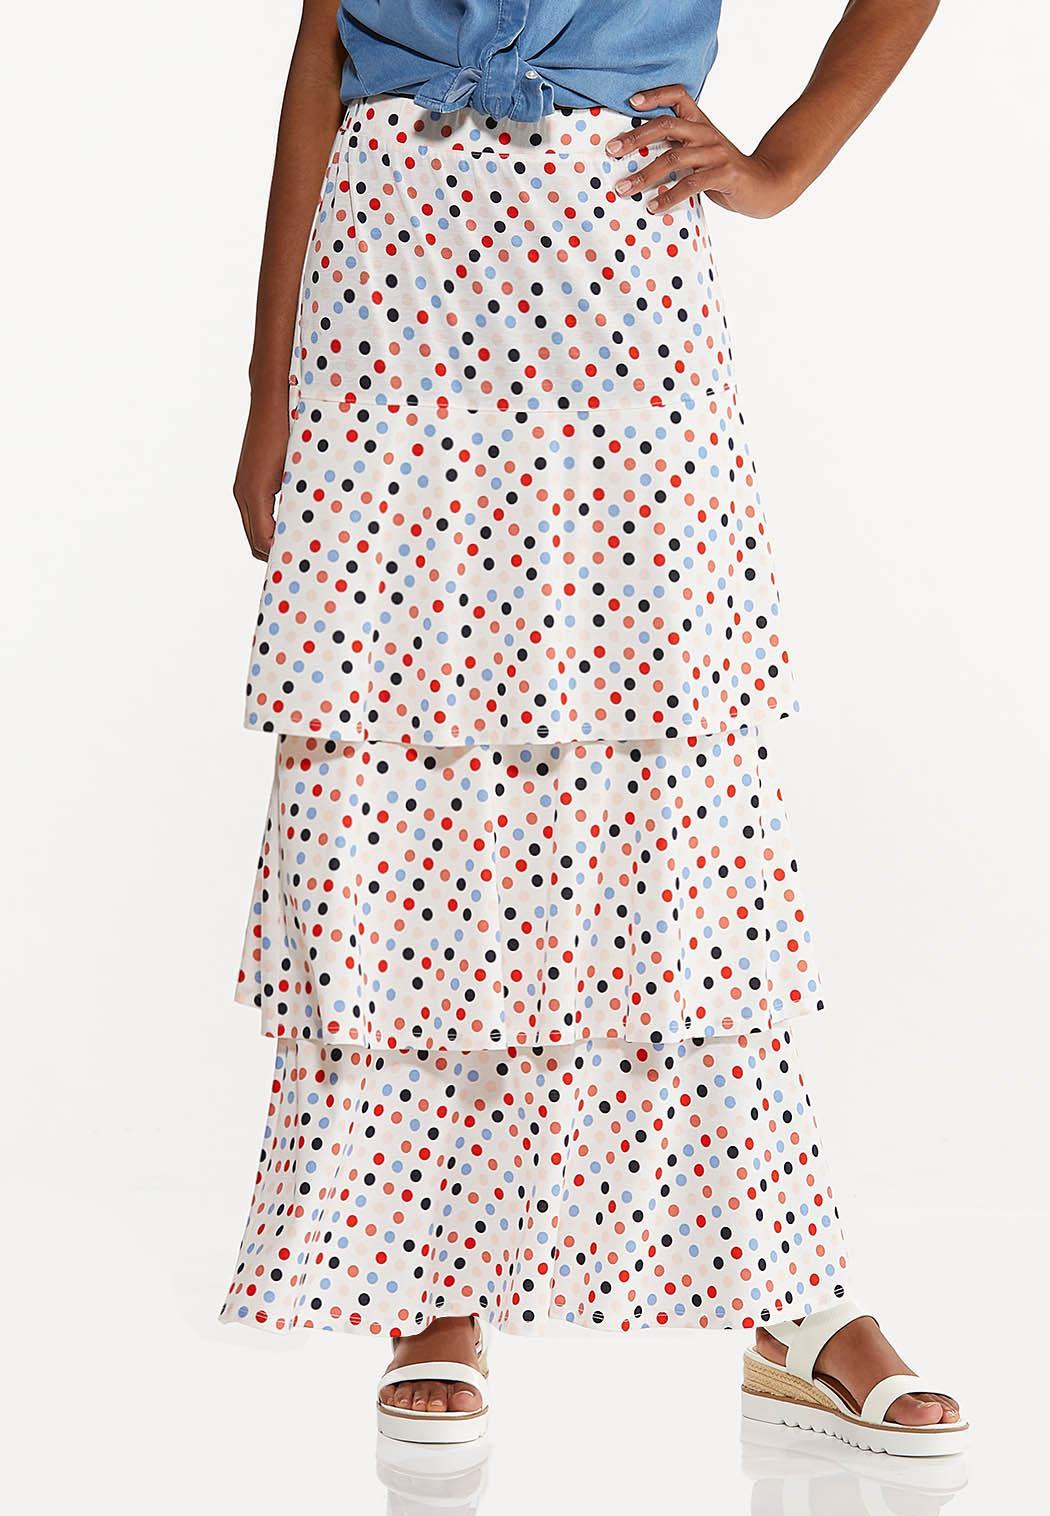 Tiered Polka Dot Skirt